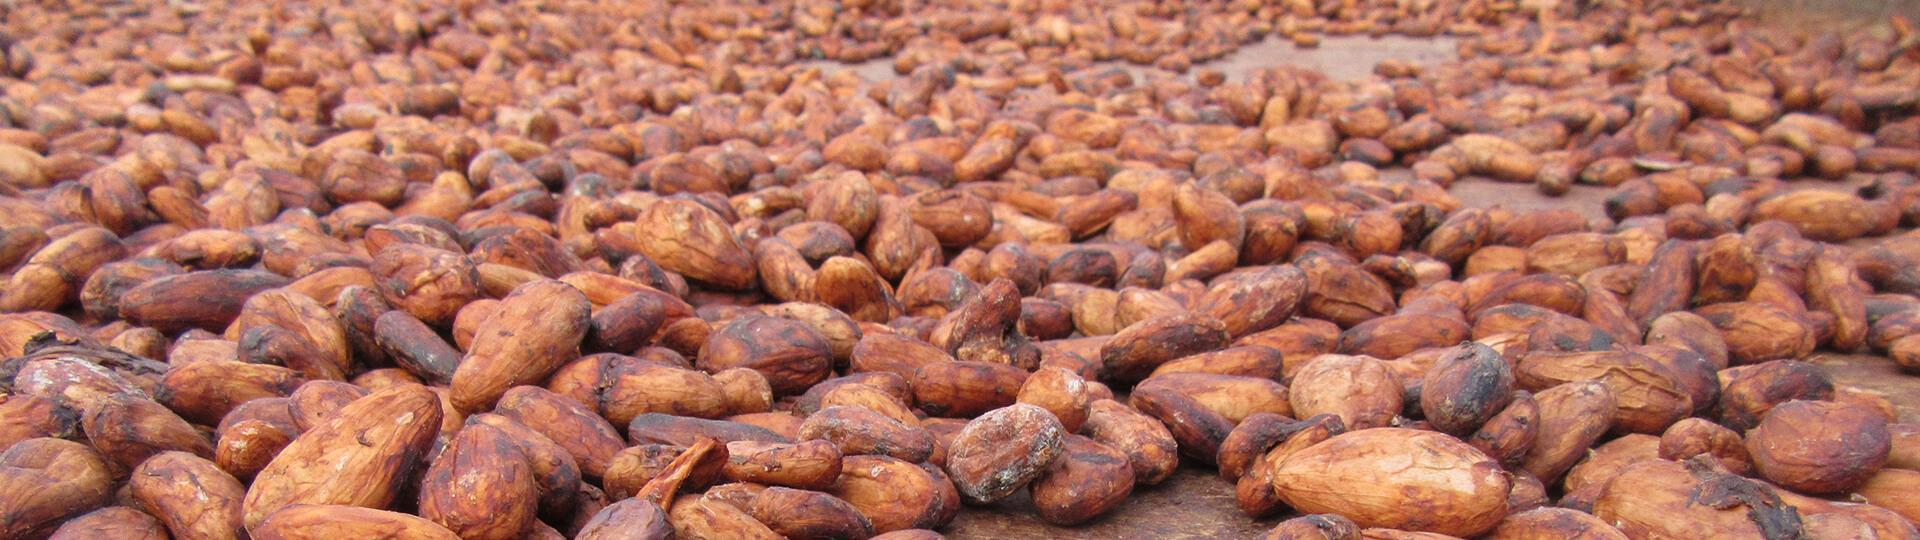 Nuevos Desafíos para el cacao de exportación